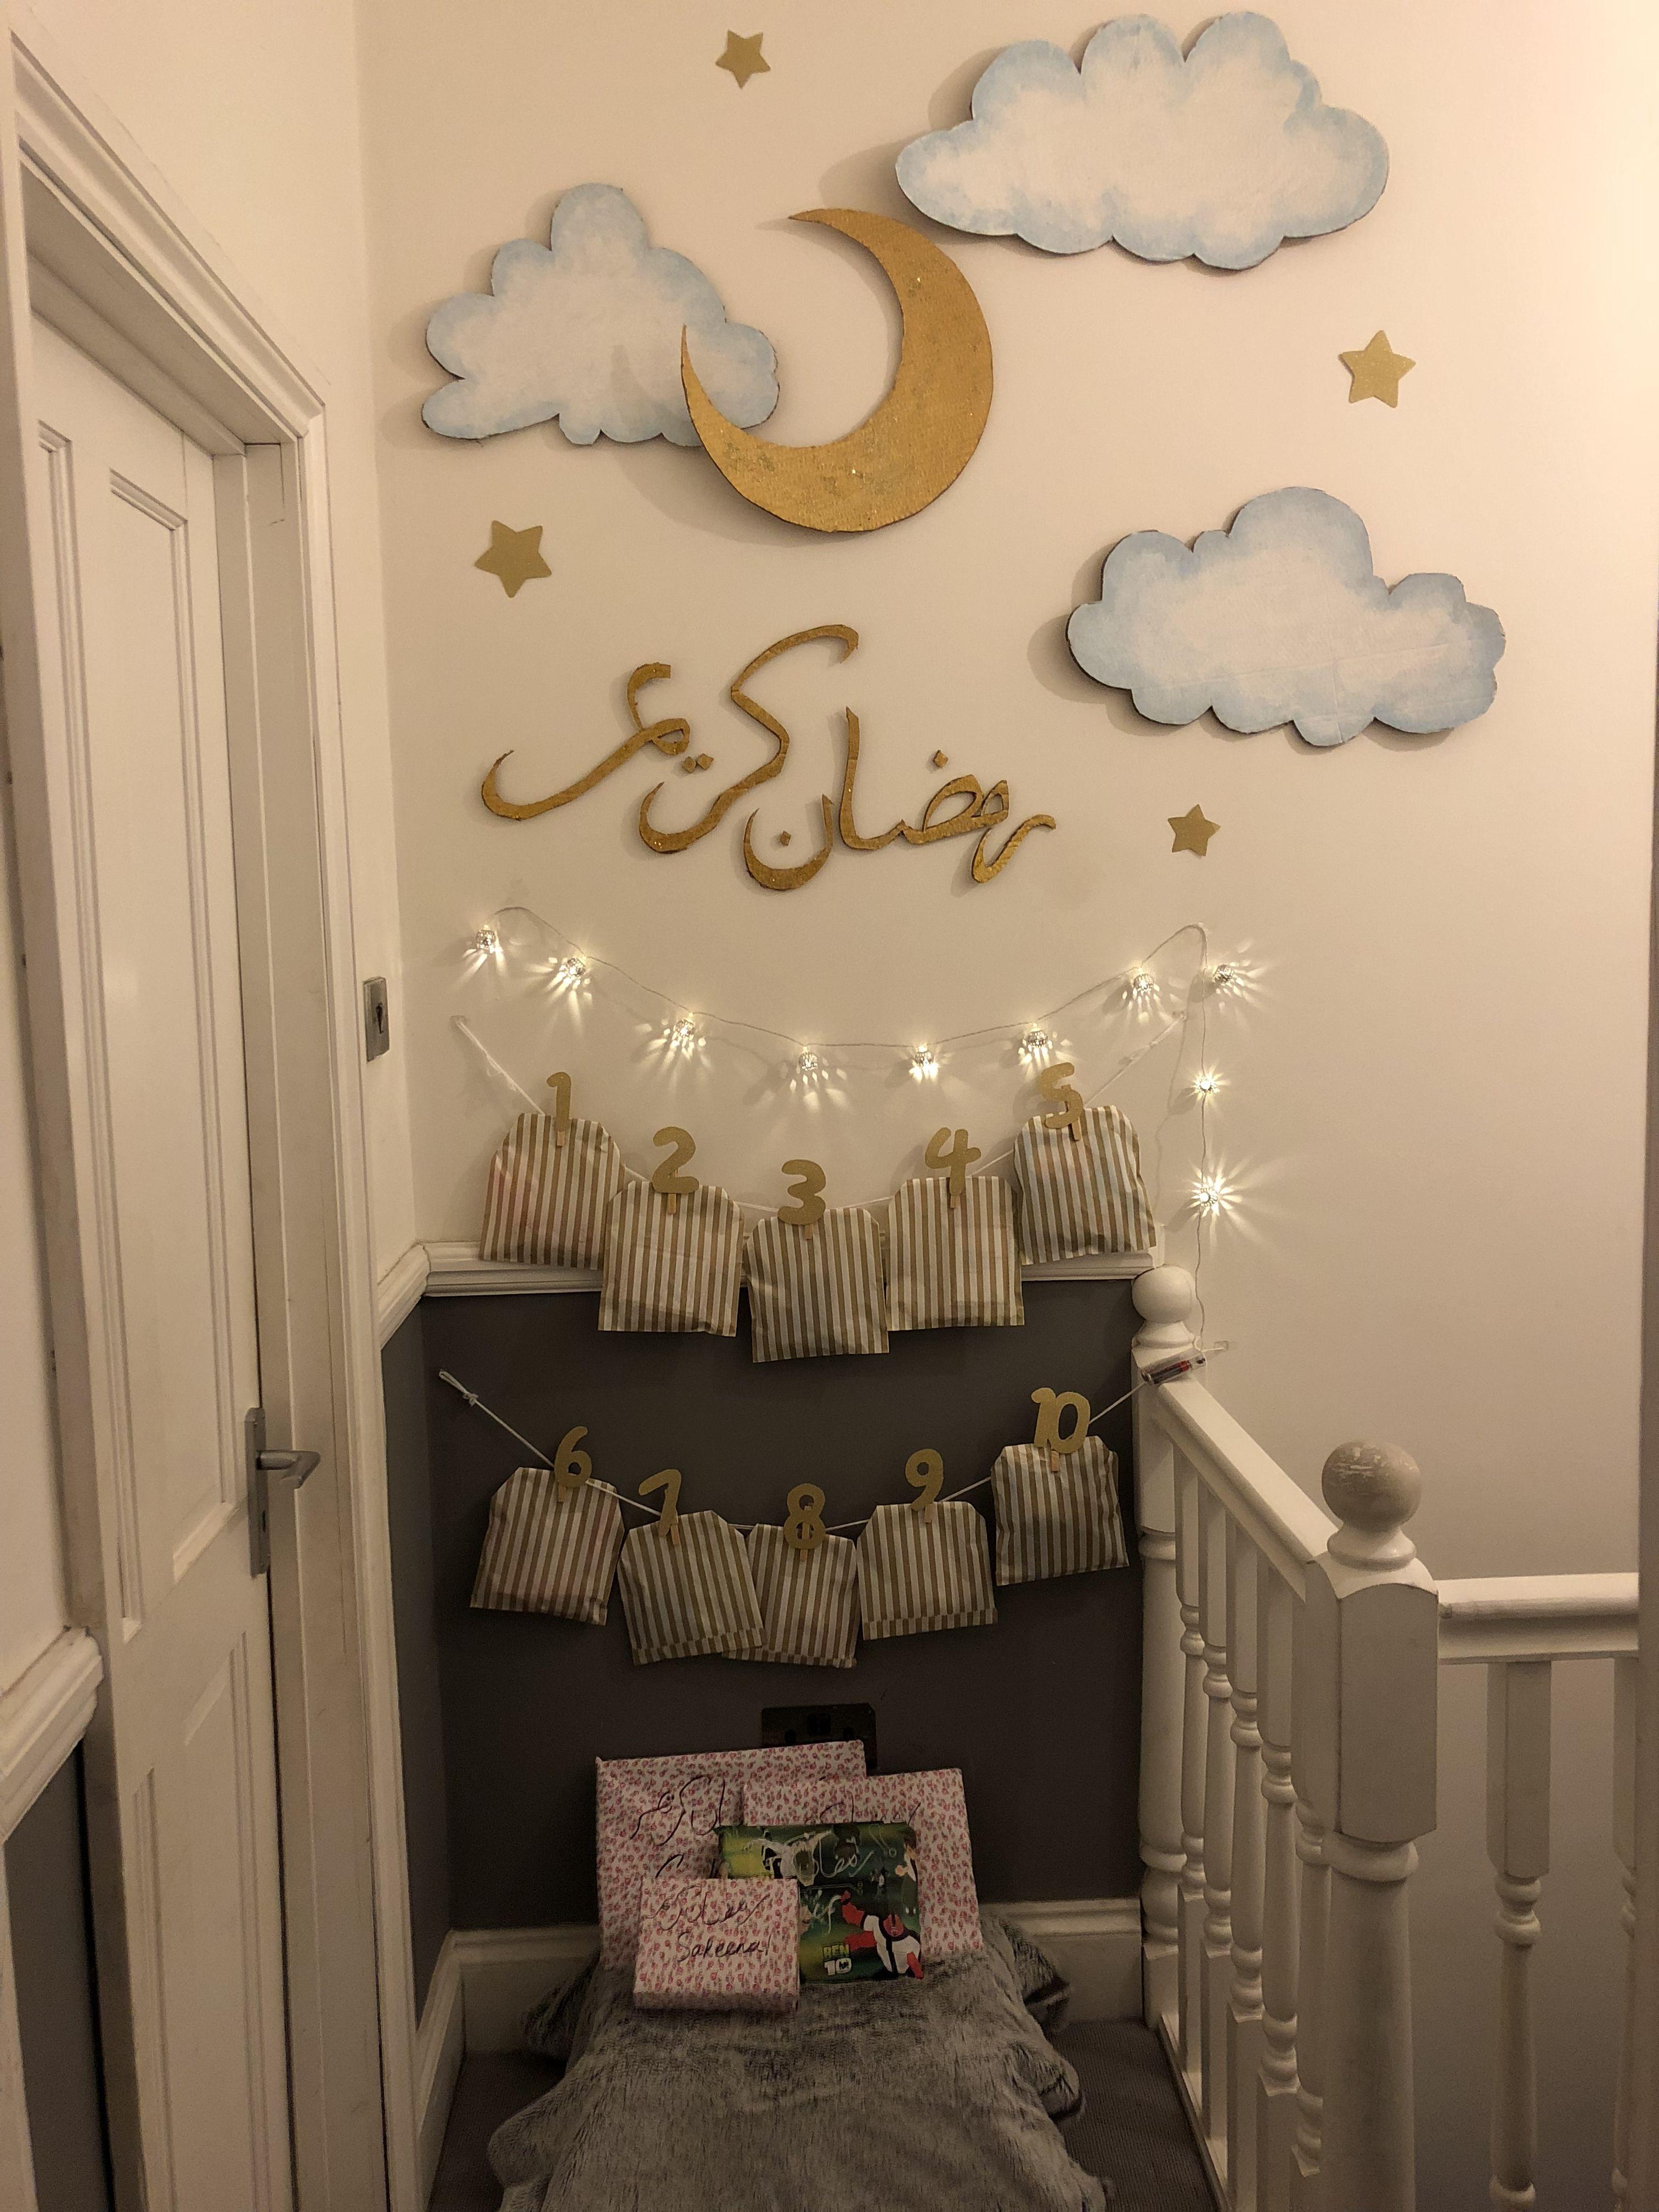 Pin Oleh Merve Arikan Di Ramadan Eid Decor Ide Dekorasi Ide Ide Hadiah